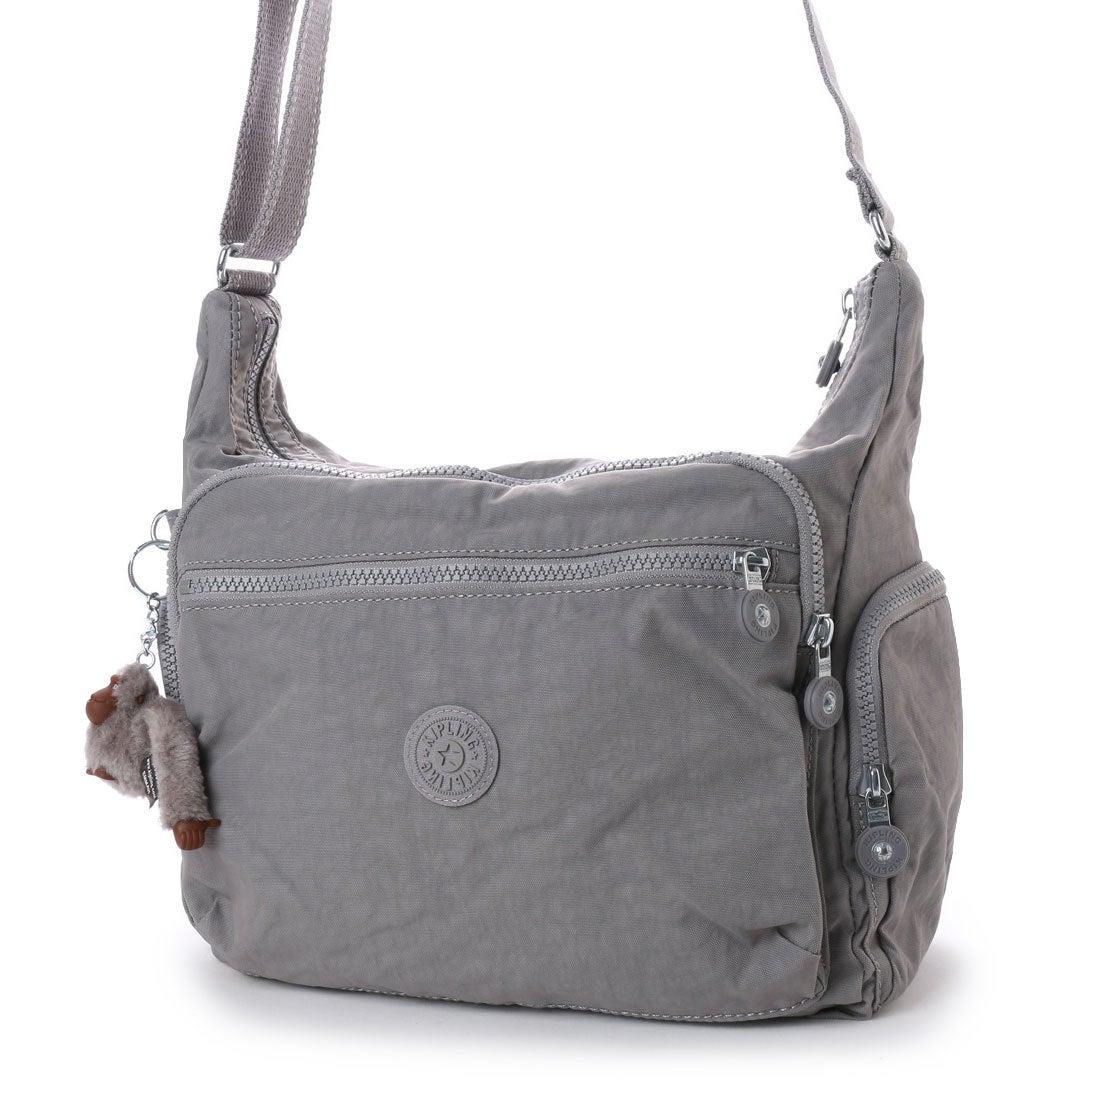 17c1e0a325cf キプリング Kipling GABBIE (Urban Grey C) -靴&ファッション通販 ロコンド〜自宅で試着、気軽に返品